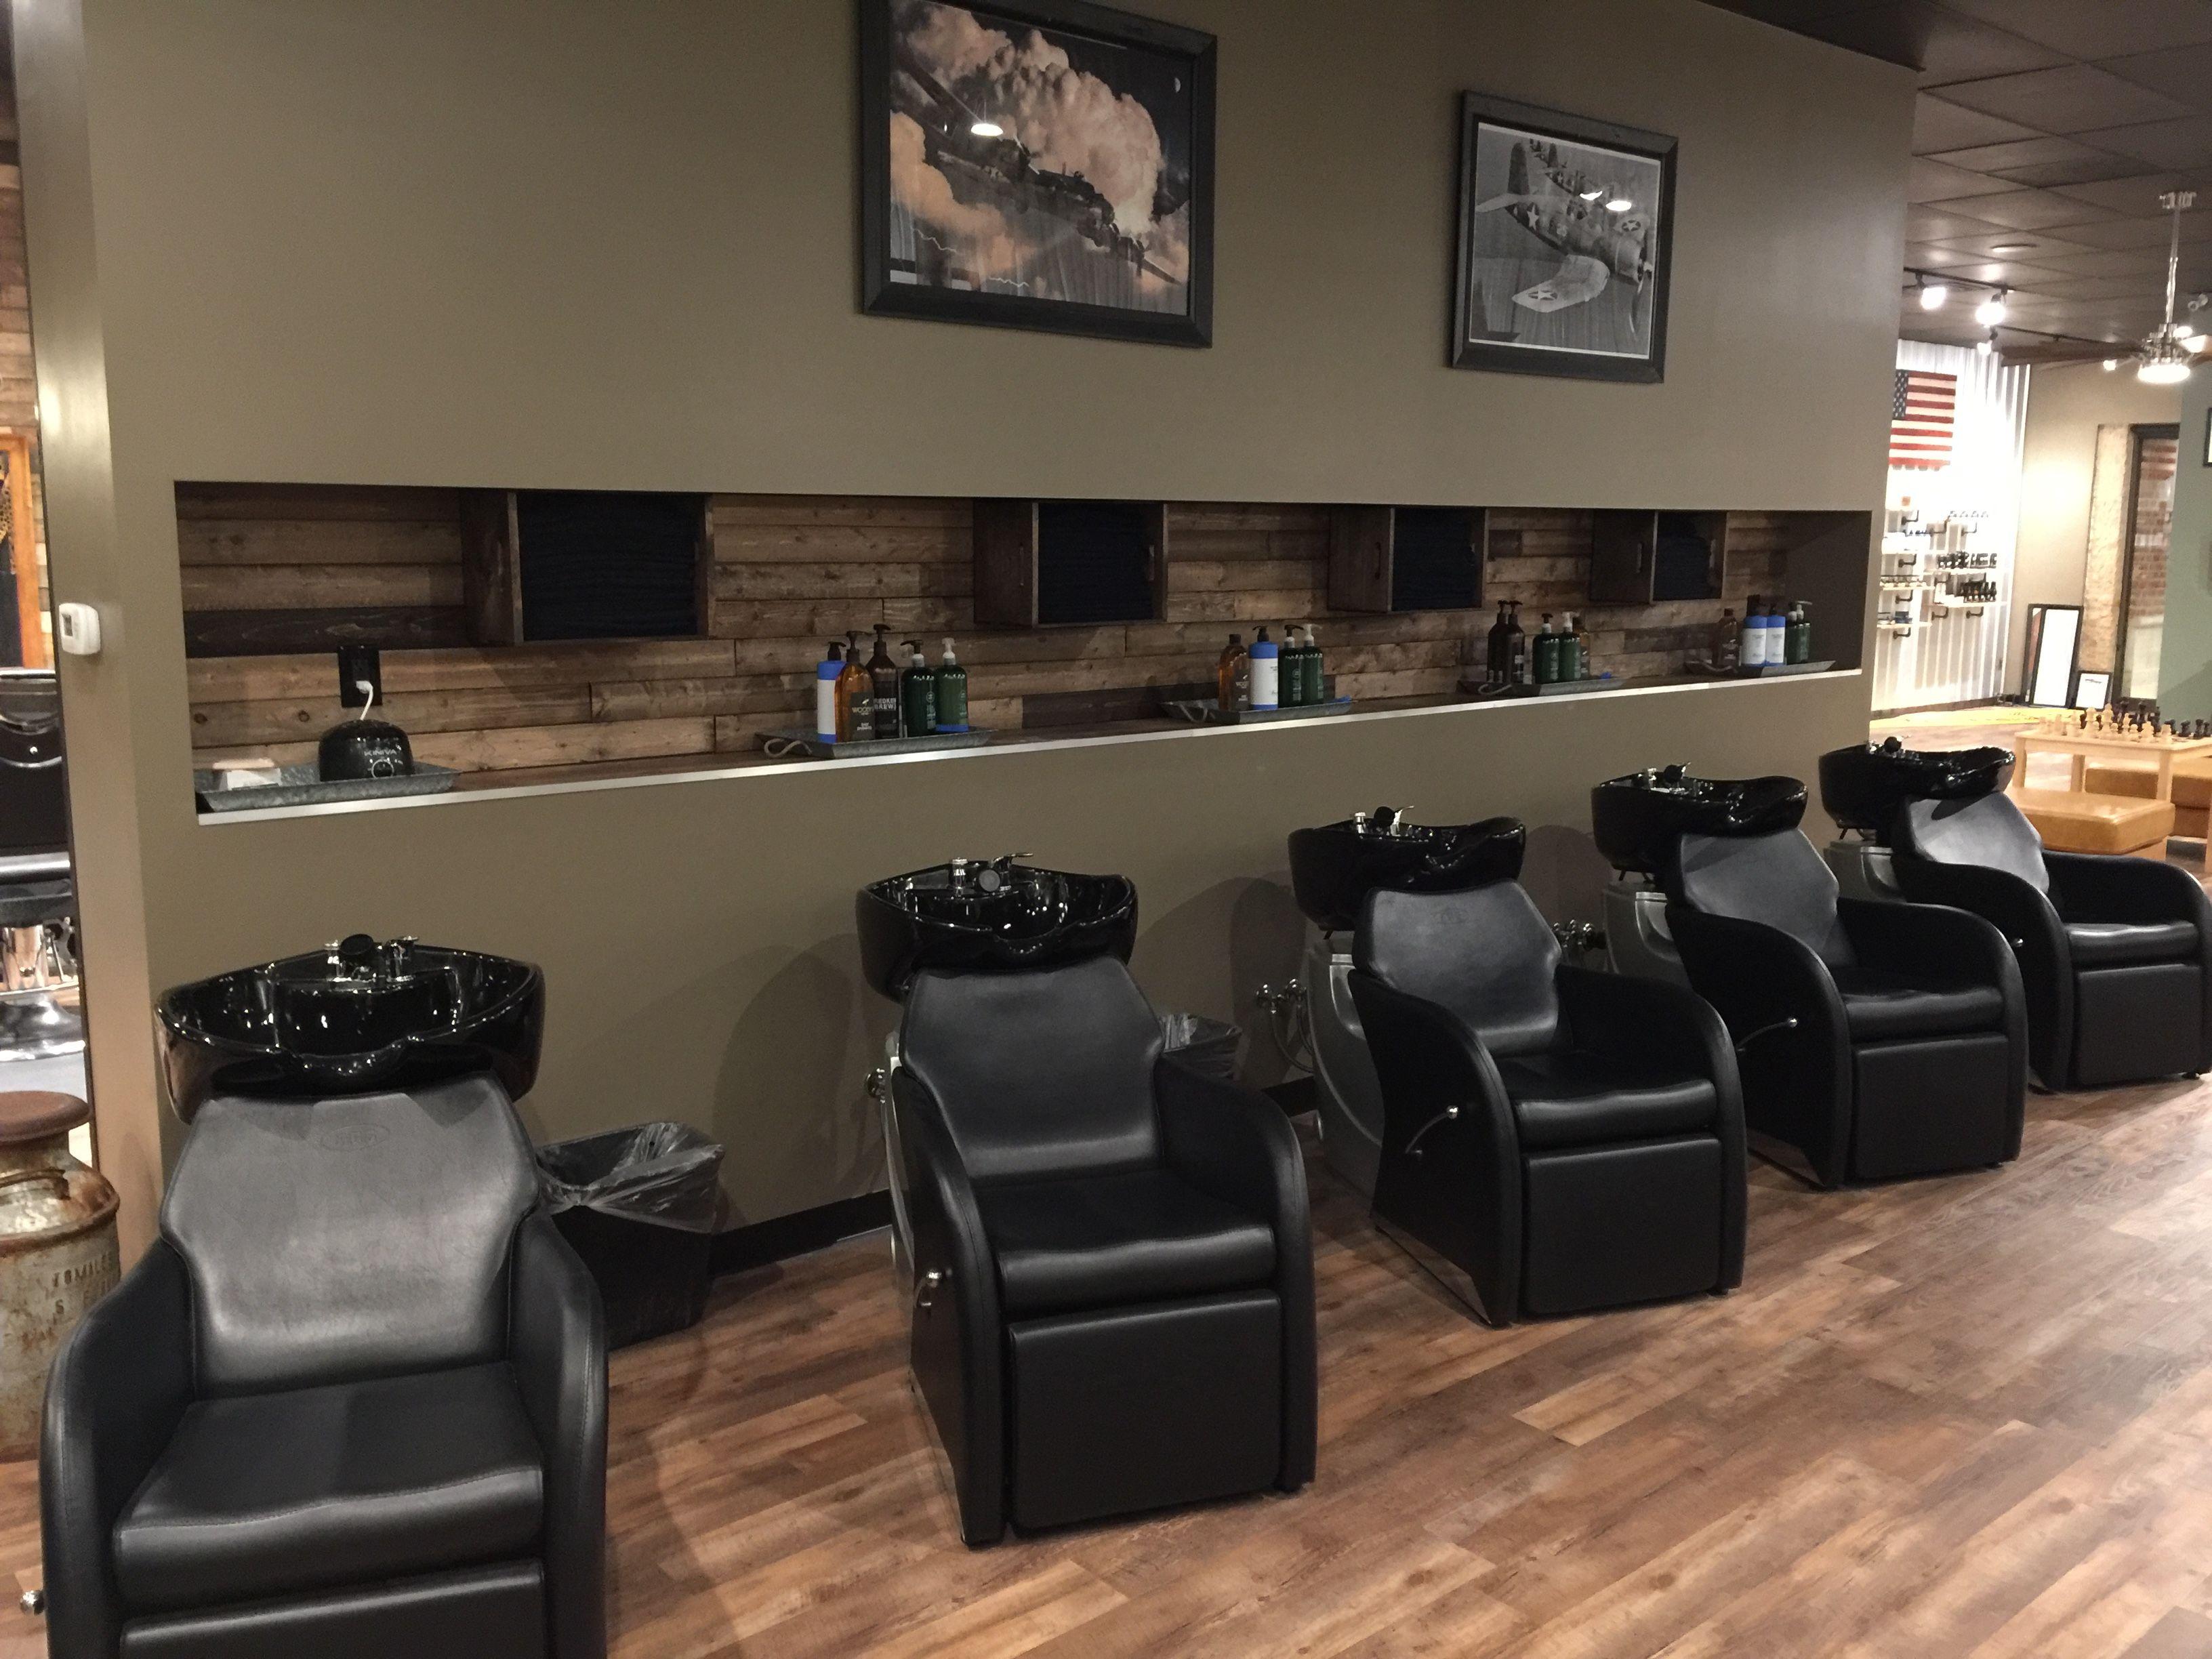 Barber Shop Barber Chairs Salon Shampoo Bowls Barber Shop Decor Hair Salon Chairs Shampoo Bowls Salon